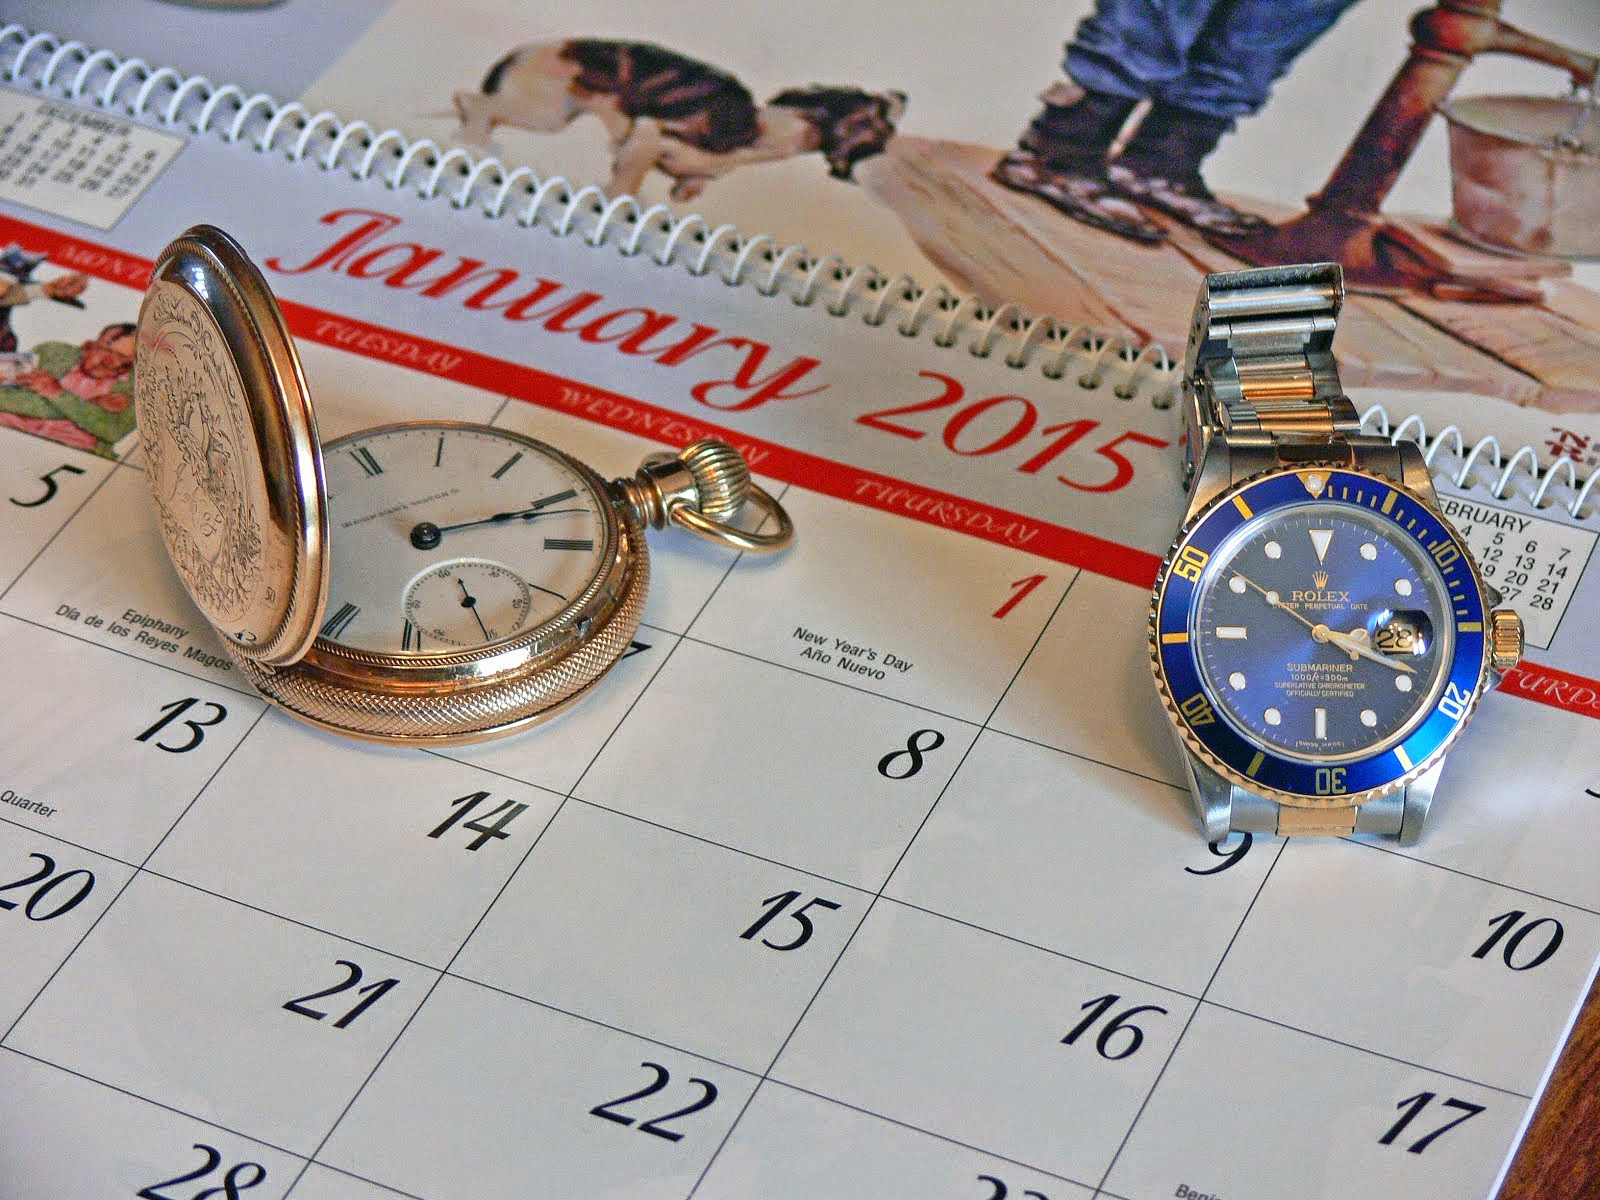 Time & again ....